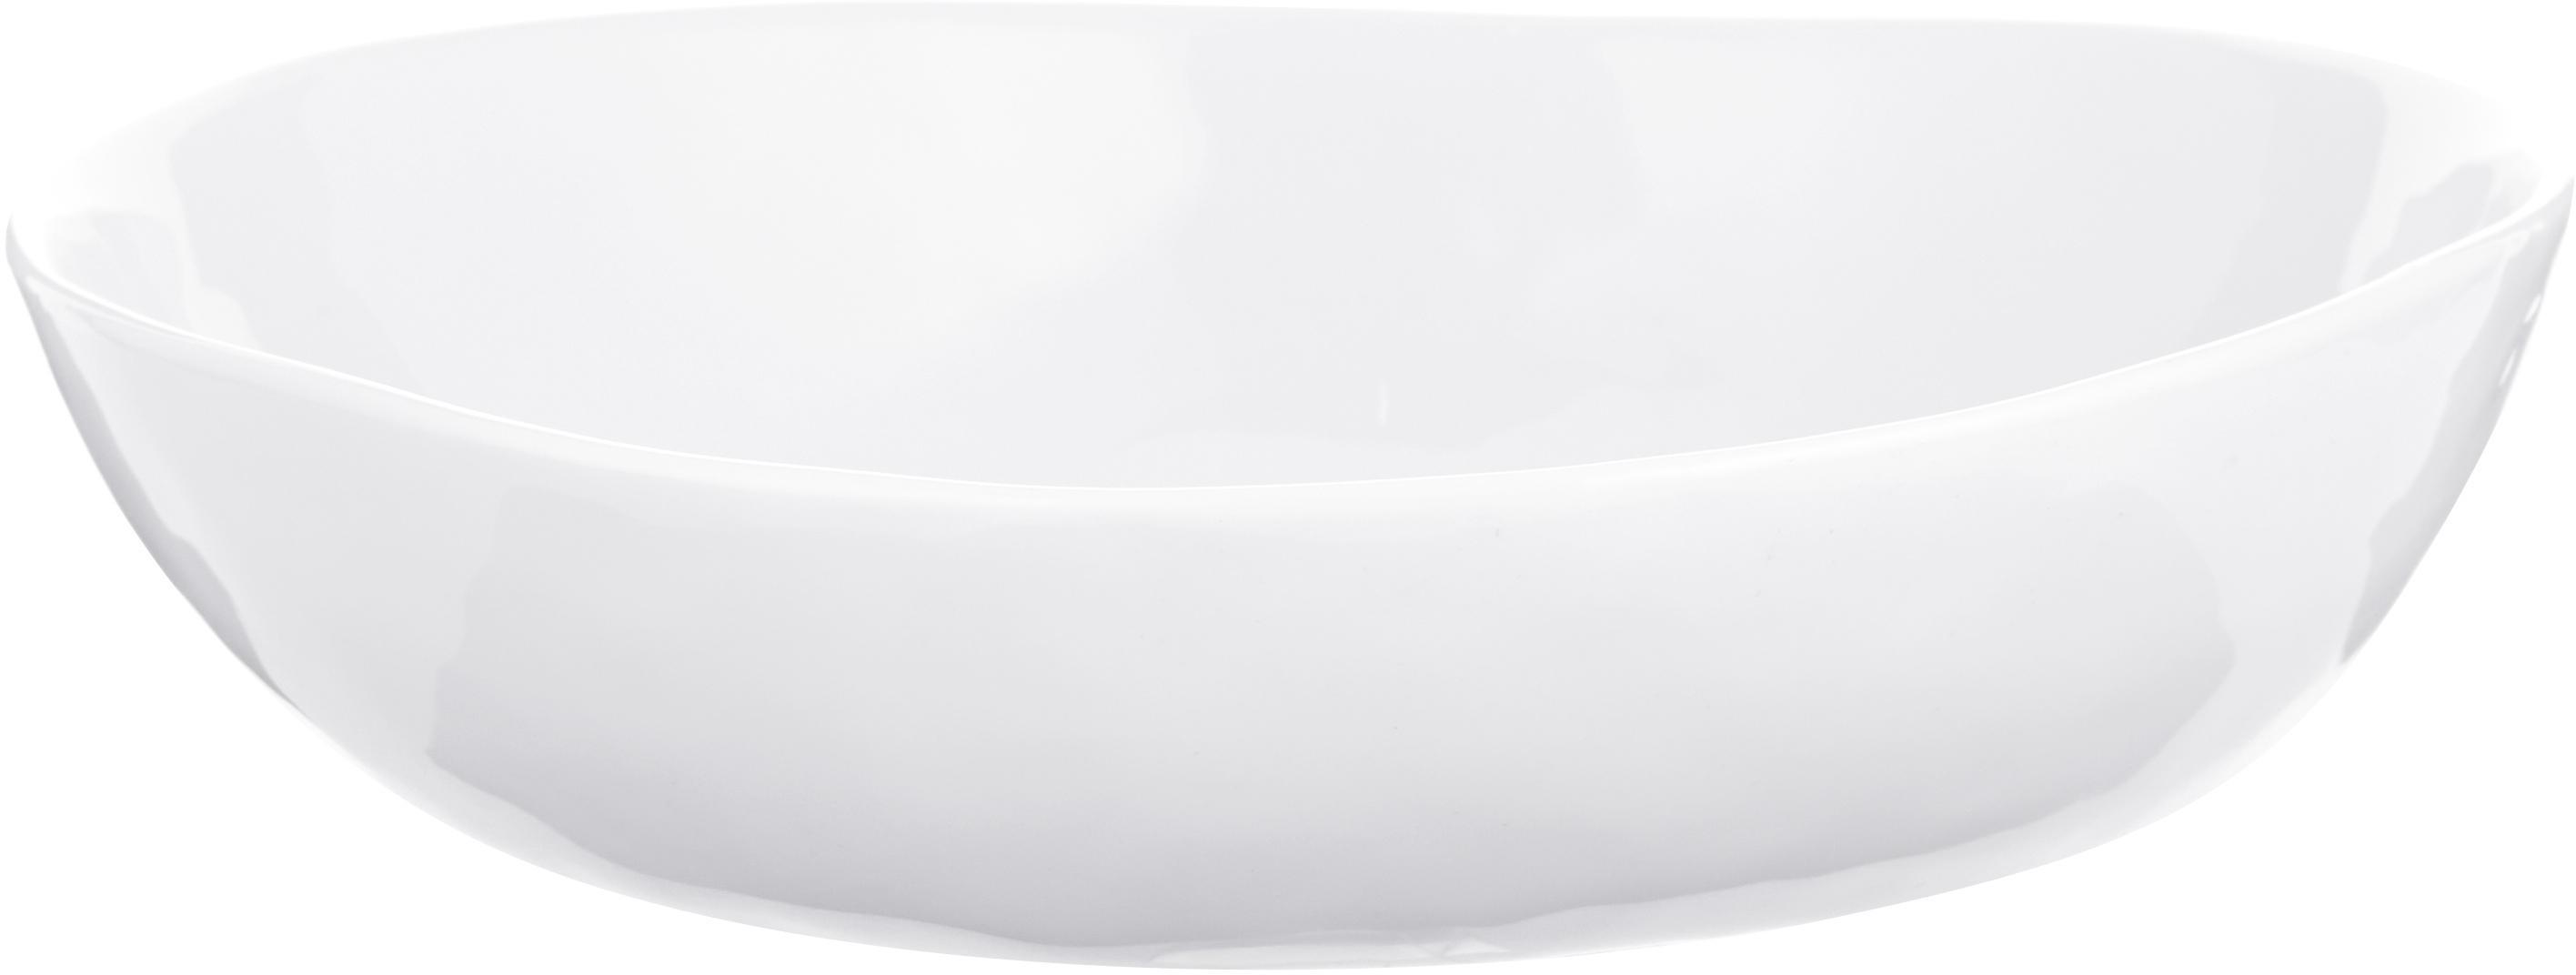 Bols à surface inégale Porcelino, 4pièces, Blanc